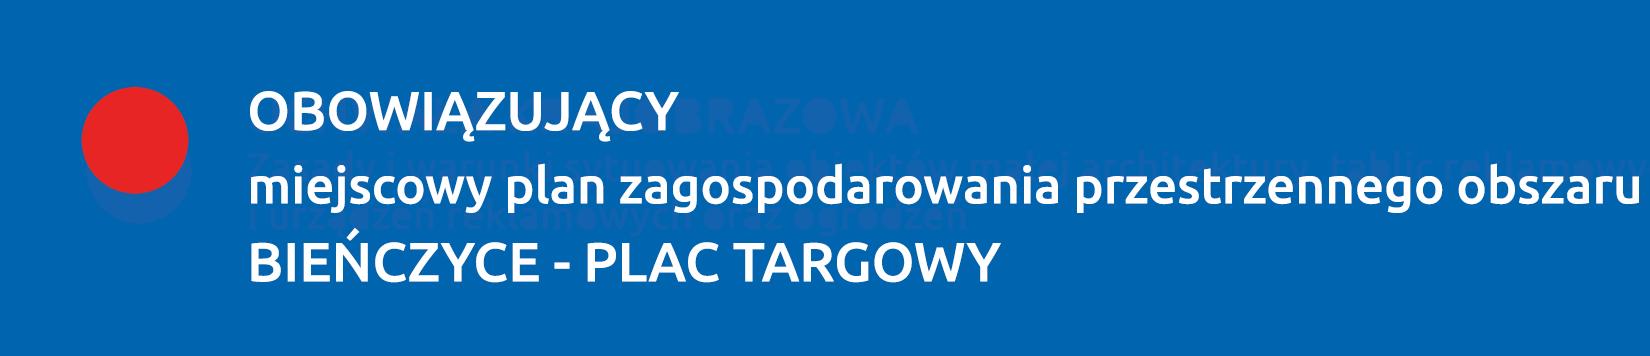 Obowiązujący plan BIEŃCZYCE - PLAC TARGOWY